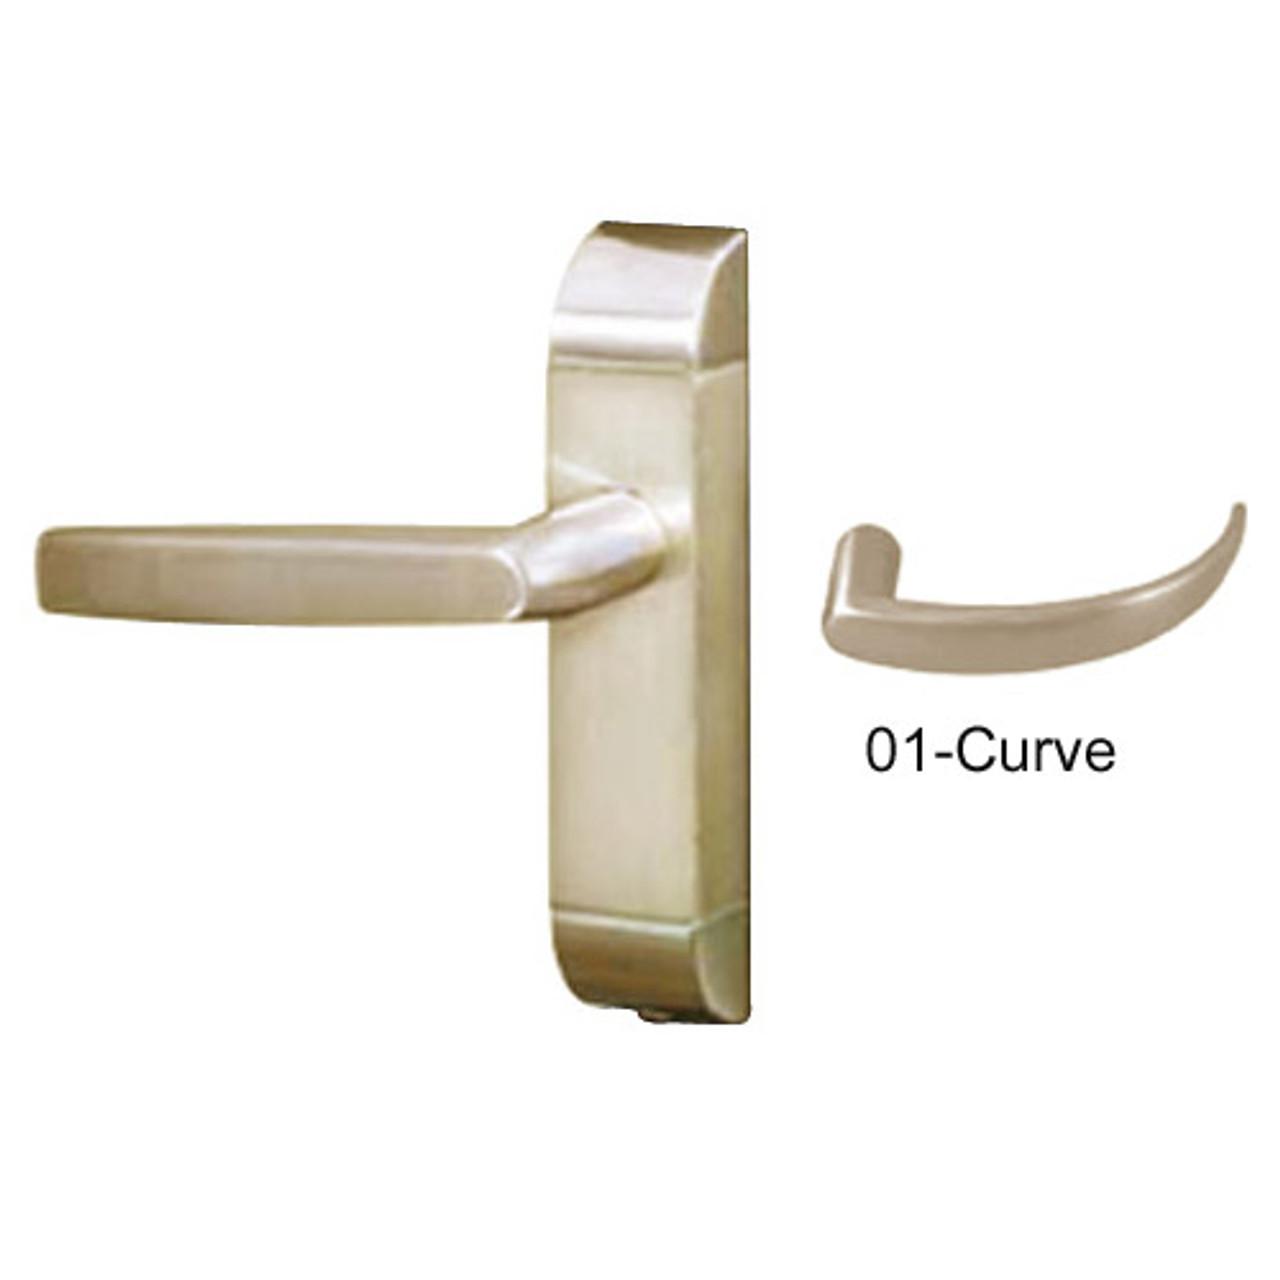 4600-01-512-US4 Adams Rite Heavy Duty Curve Deadlatch Handles in Satin Brass Finish